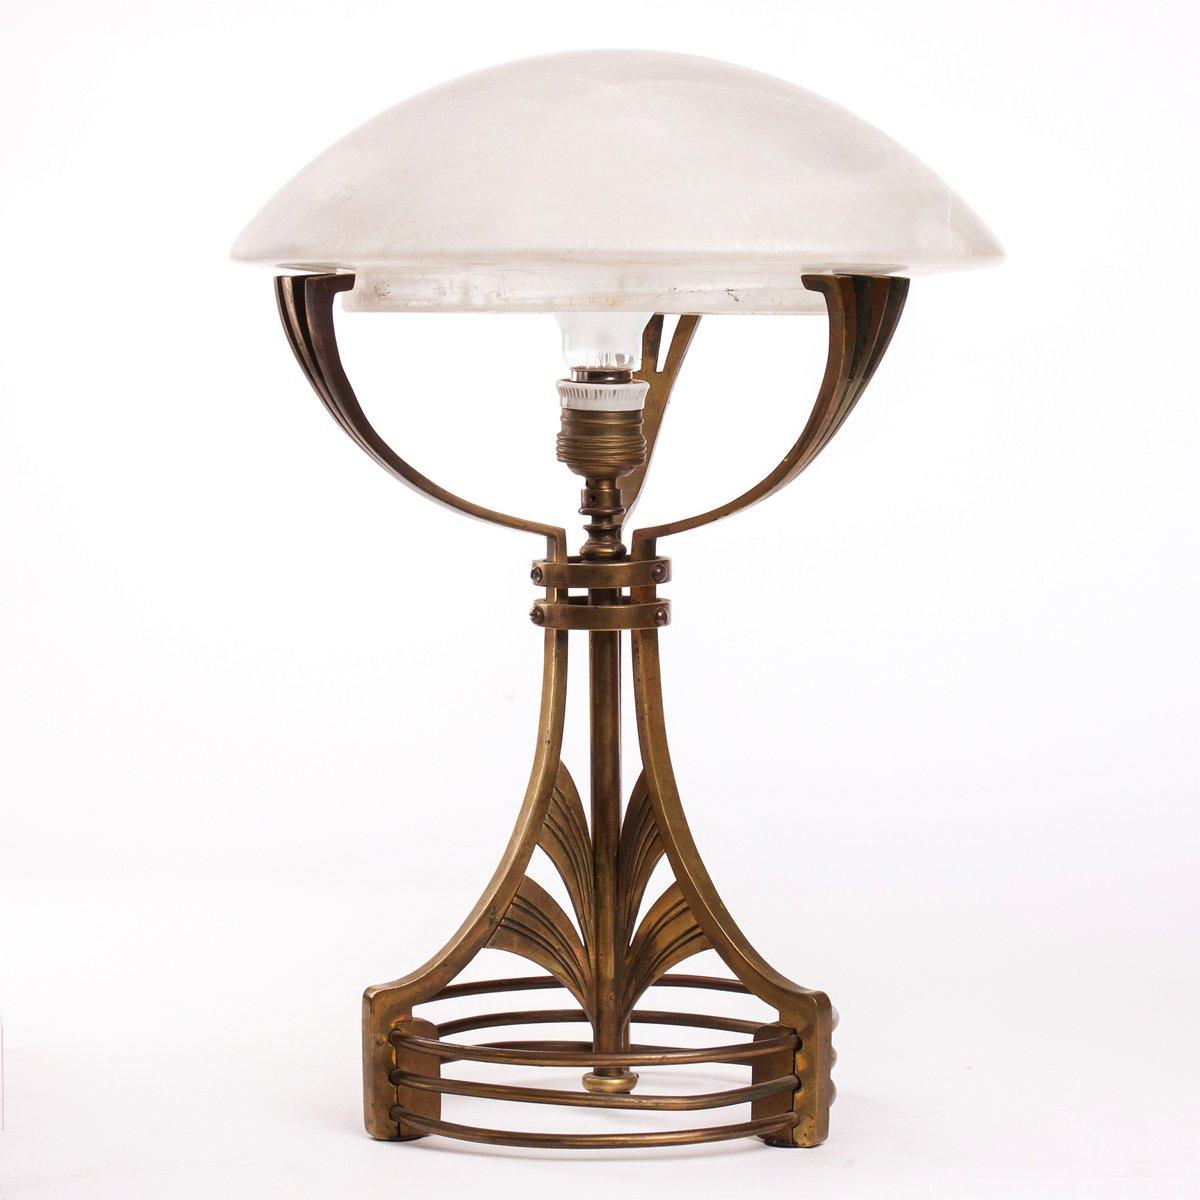 Lampe de bureau art nouveau en laiton verre en vente sur pamono - Lampe de bureau style anglais ...